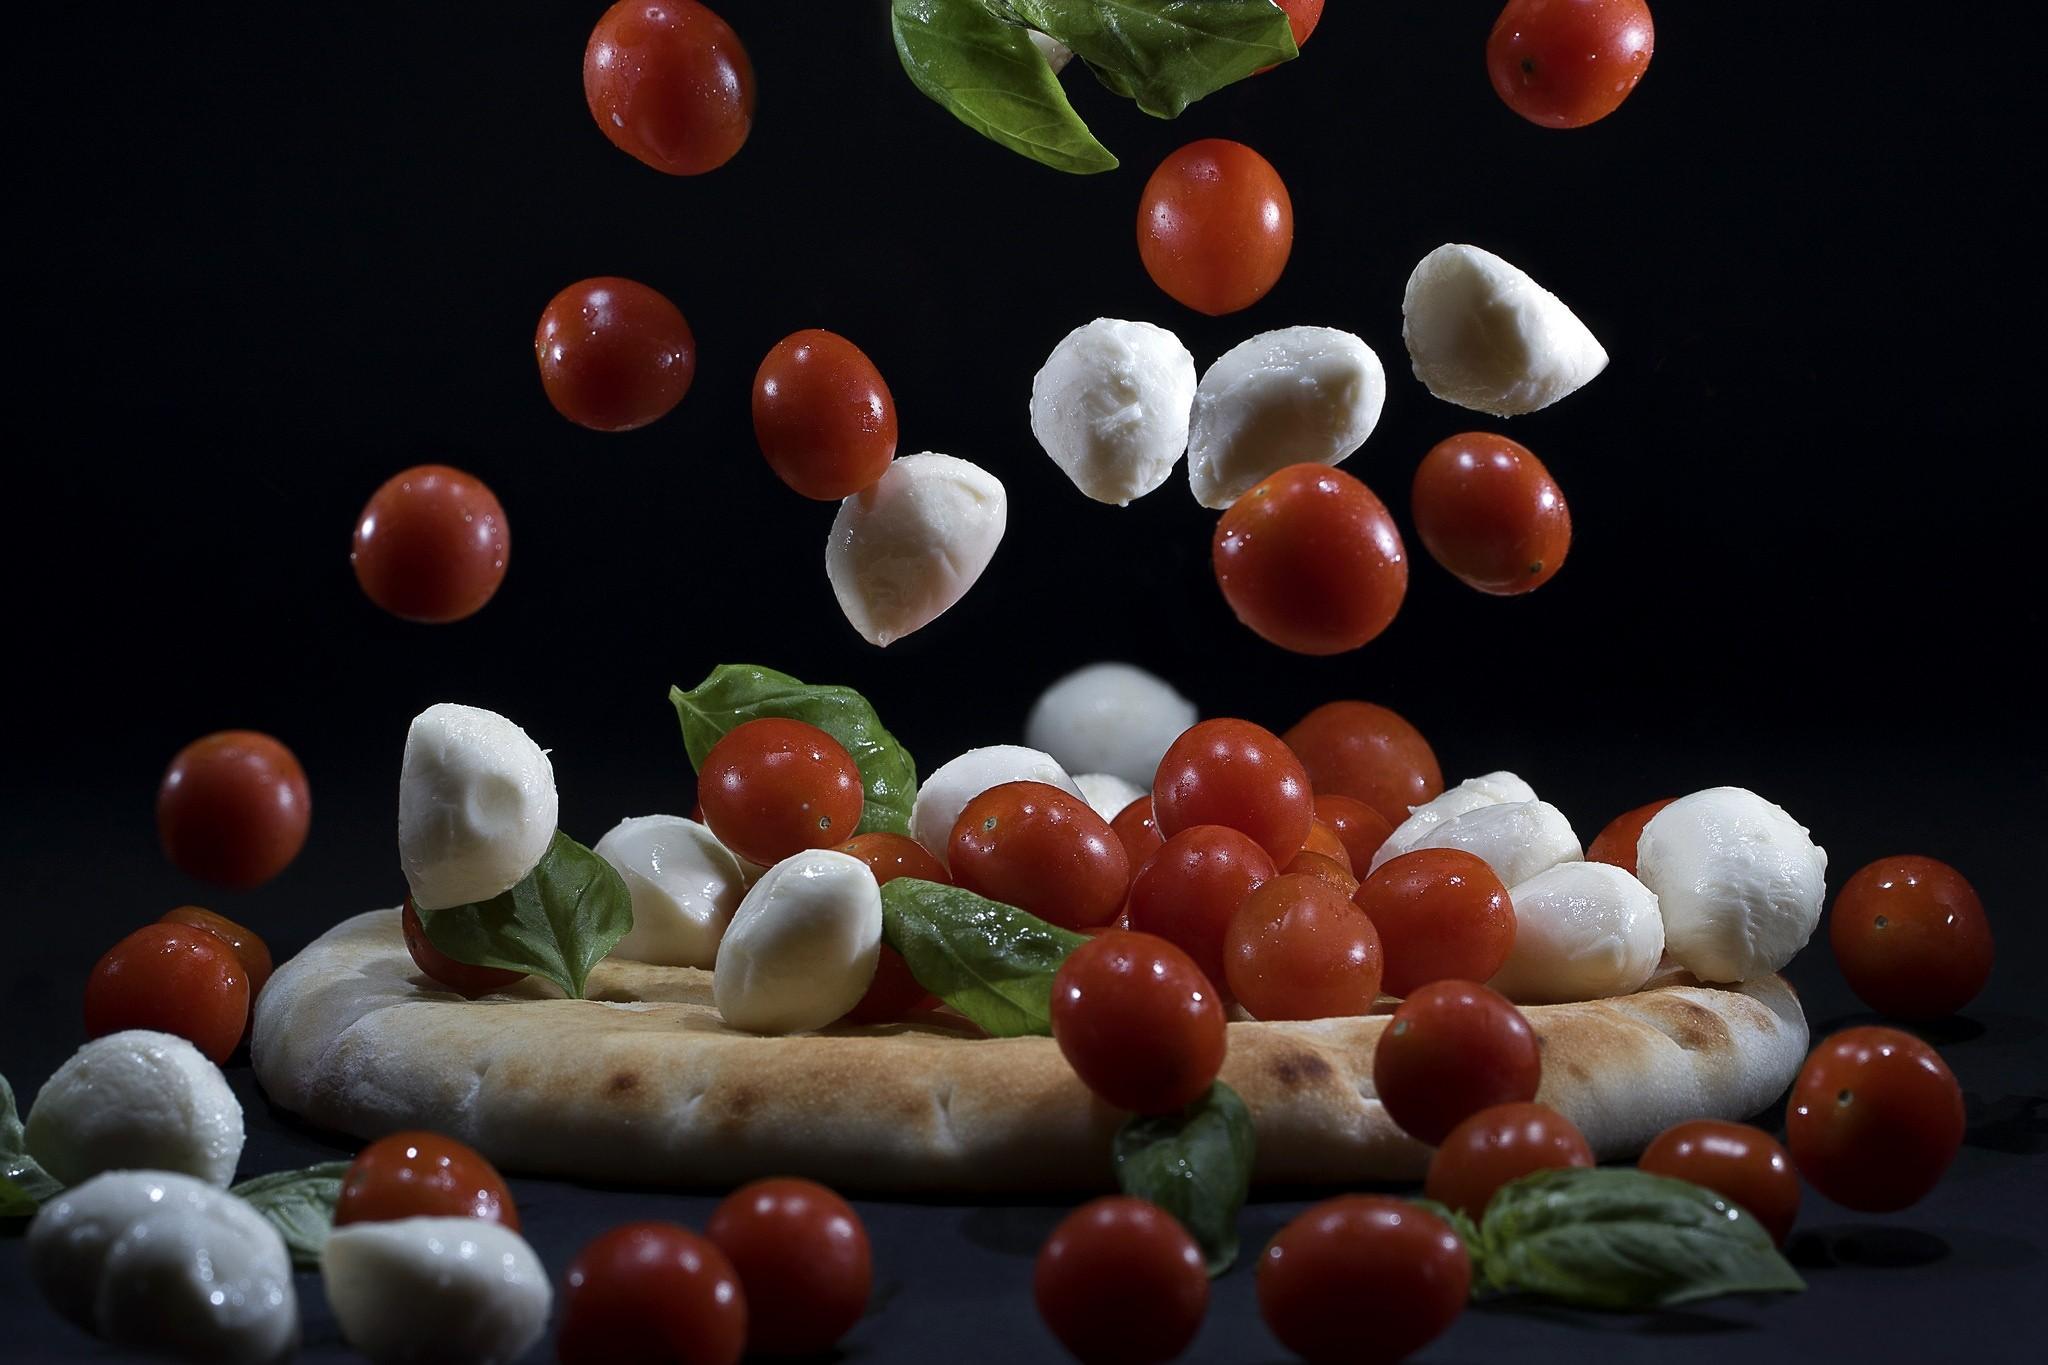 Masaüstü Boyama Gıda Domates Kırmızı Meyve Pizza üretmek